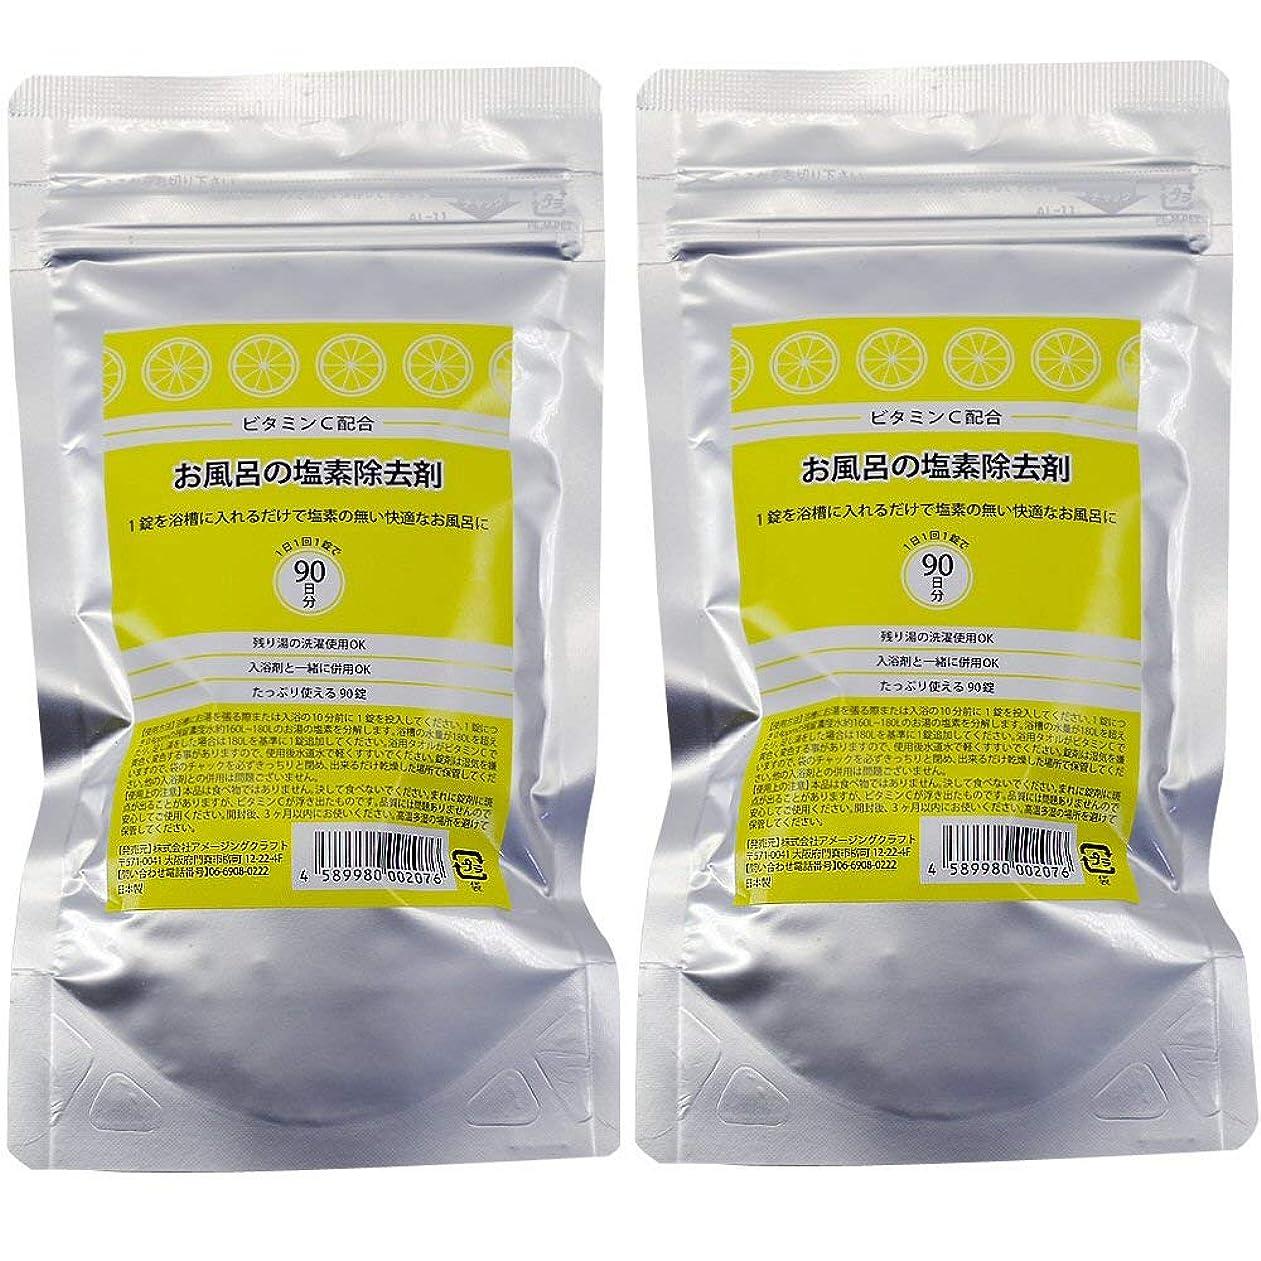 役に立たない器具フルーツ野菜日本製 ビタミンC配合 お風呂の塩素除去剤 錠剤タイプ 90錠 2個セット 浴槽用脱塩素剤